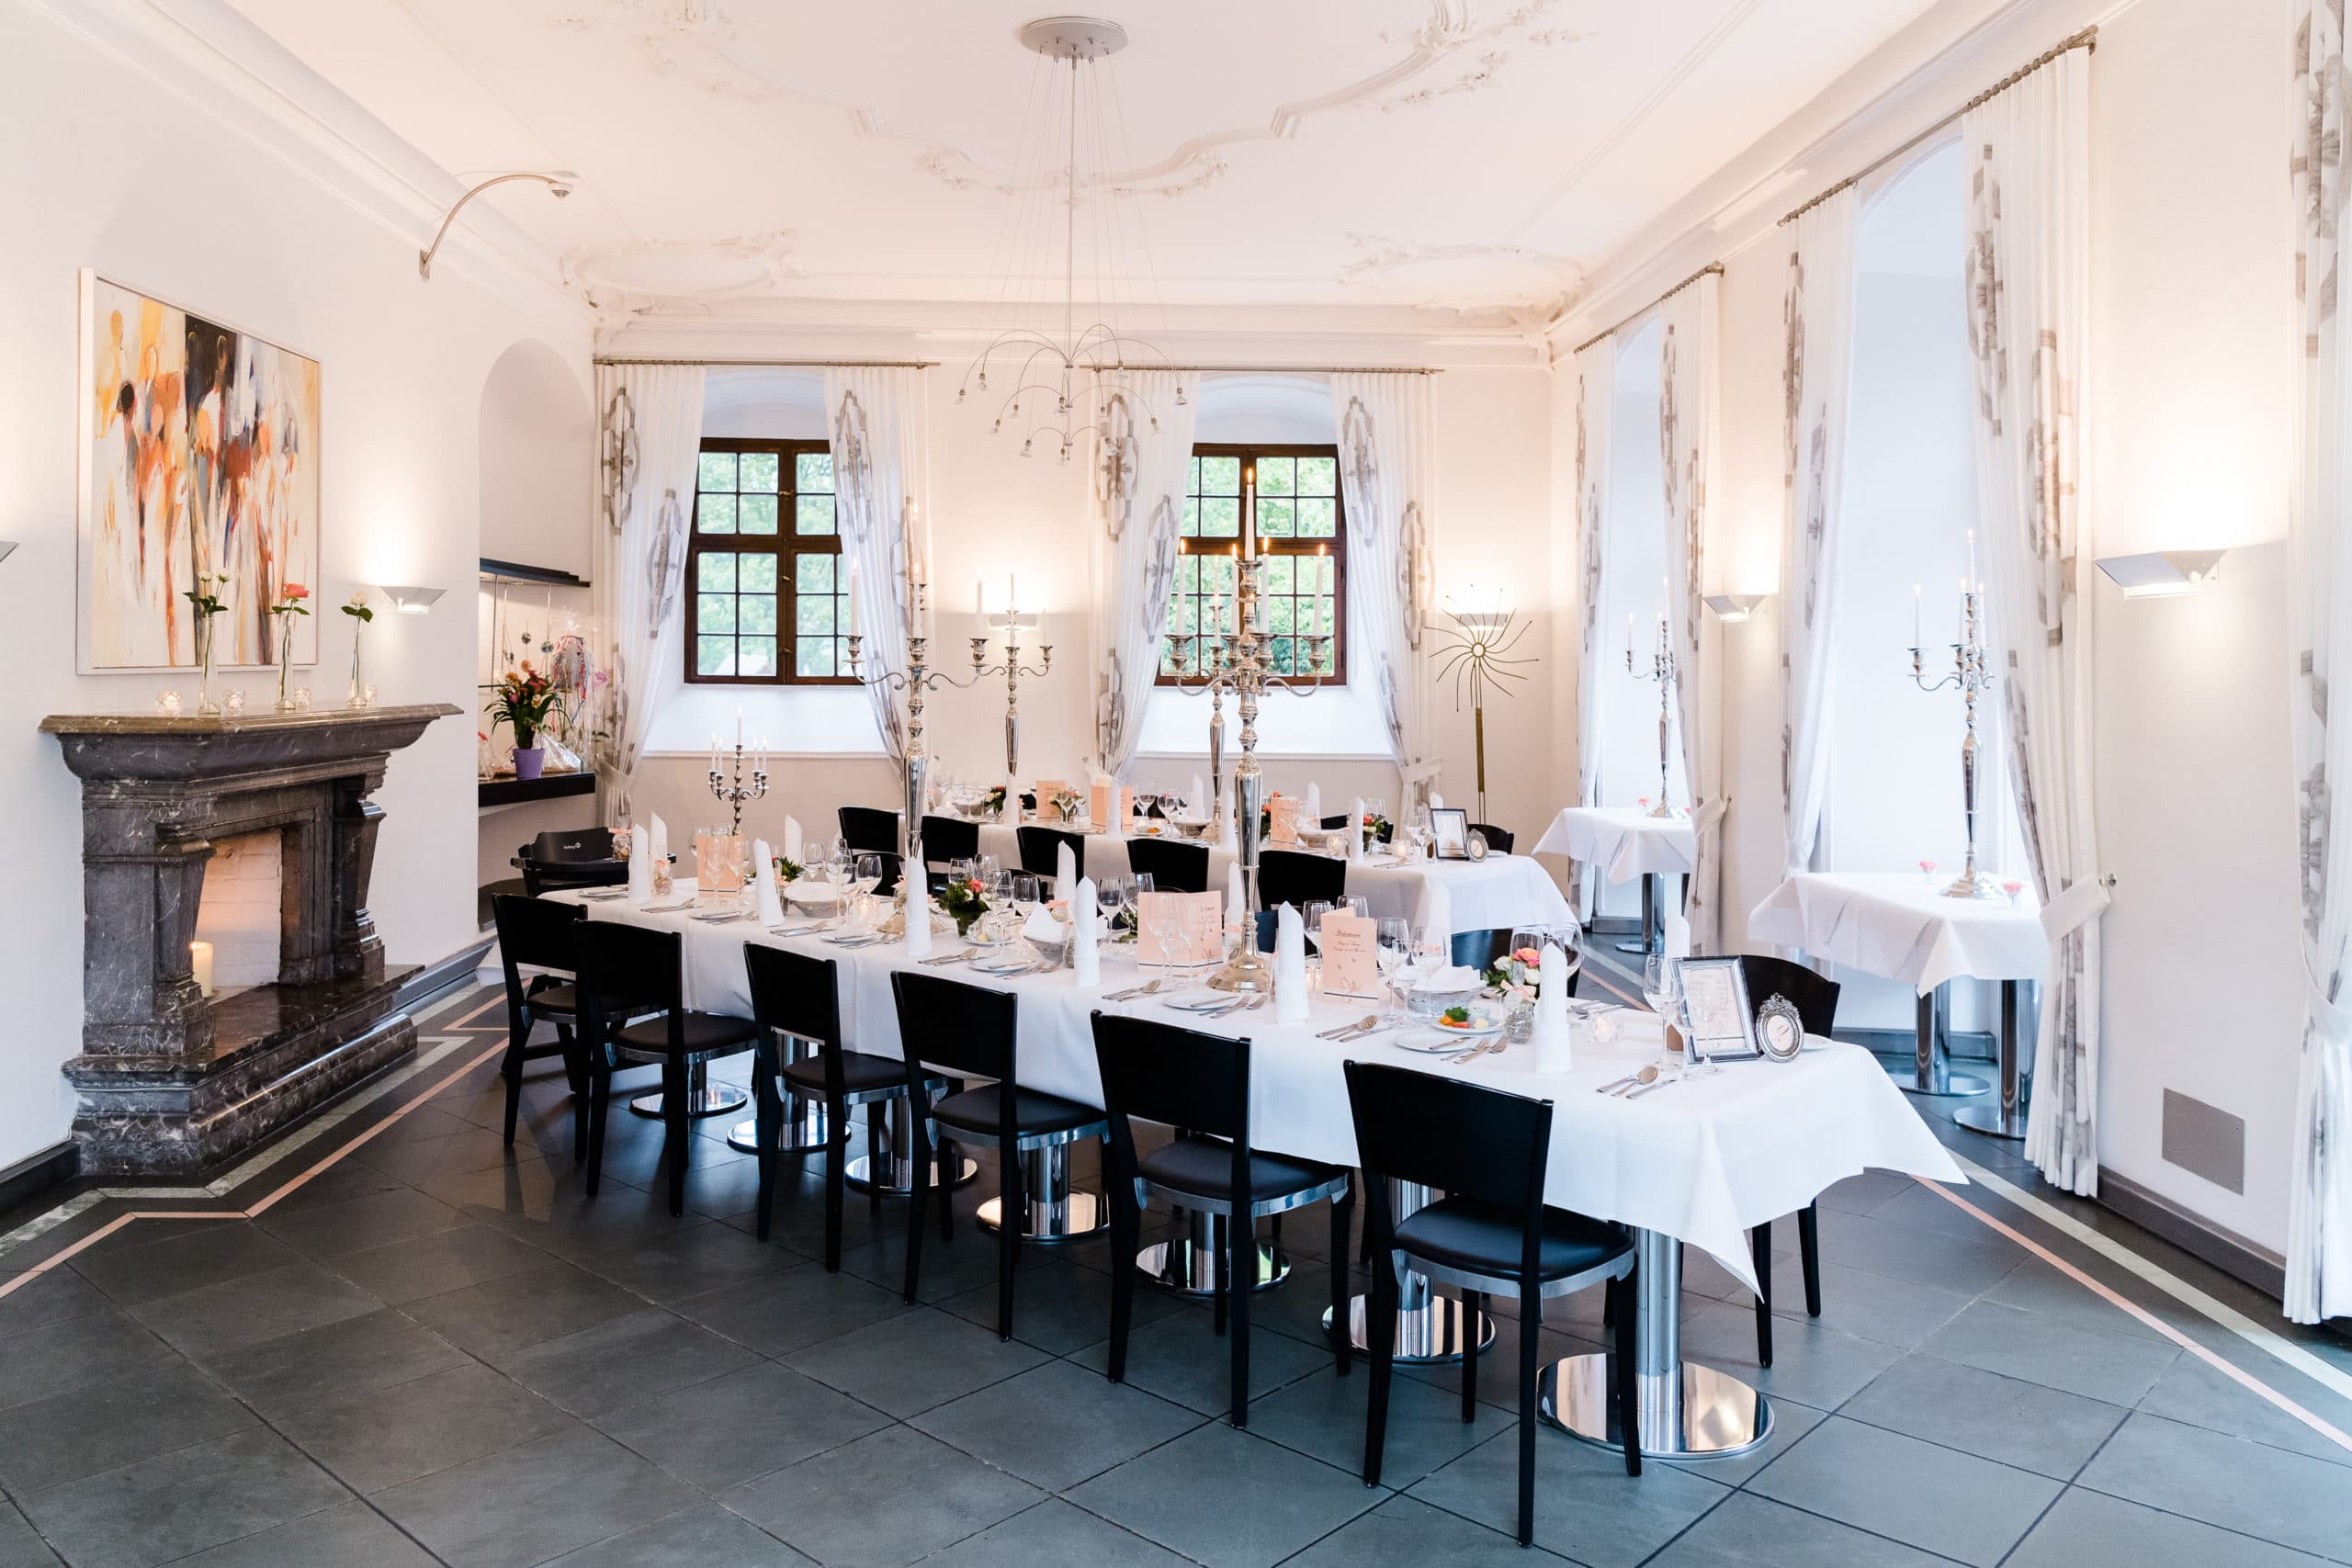 Werbefoto eines eingedeckten Saals eines luxuriösen Sterne Restaurants | Unternemensfotograf für Interieurfotografie in Osnabrück Münster Bielefeld NRW Niedersachsen und bundesweit